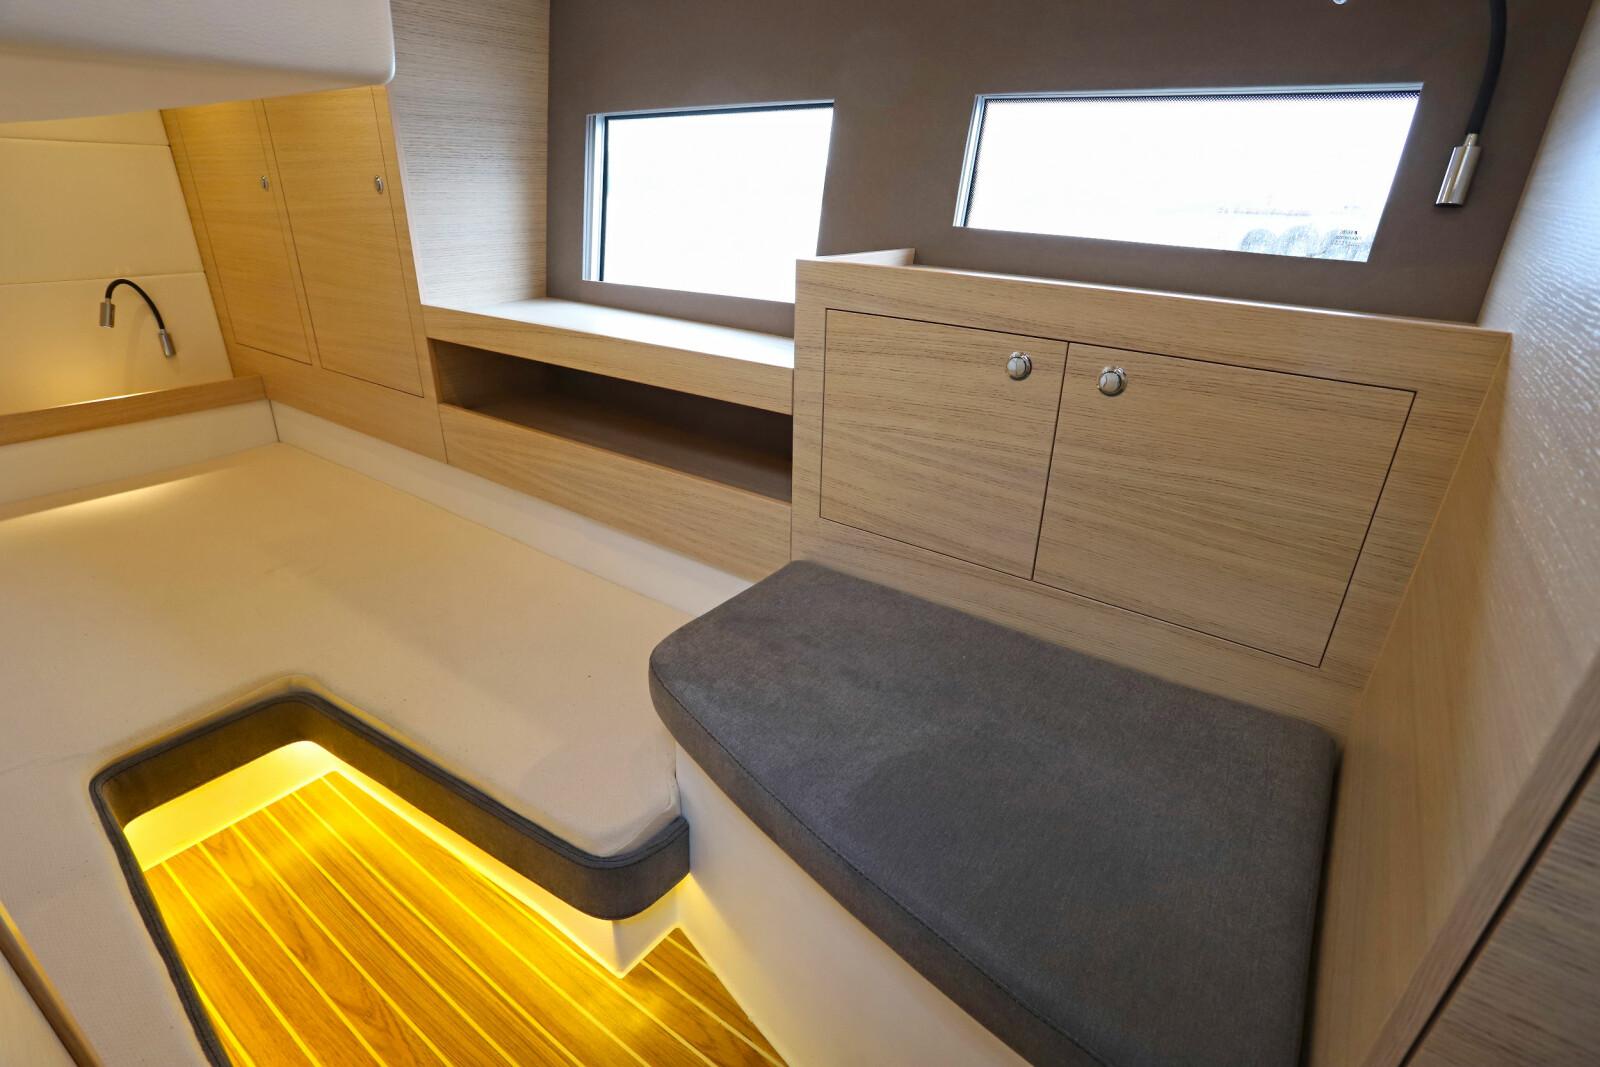 <b>SITTEPLASS: </b>Lugaren på babord side har sitte- og oppbevaringsplass.